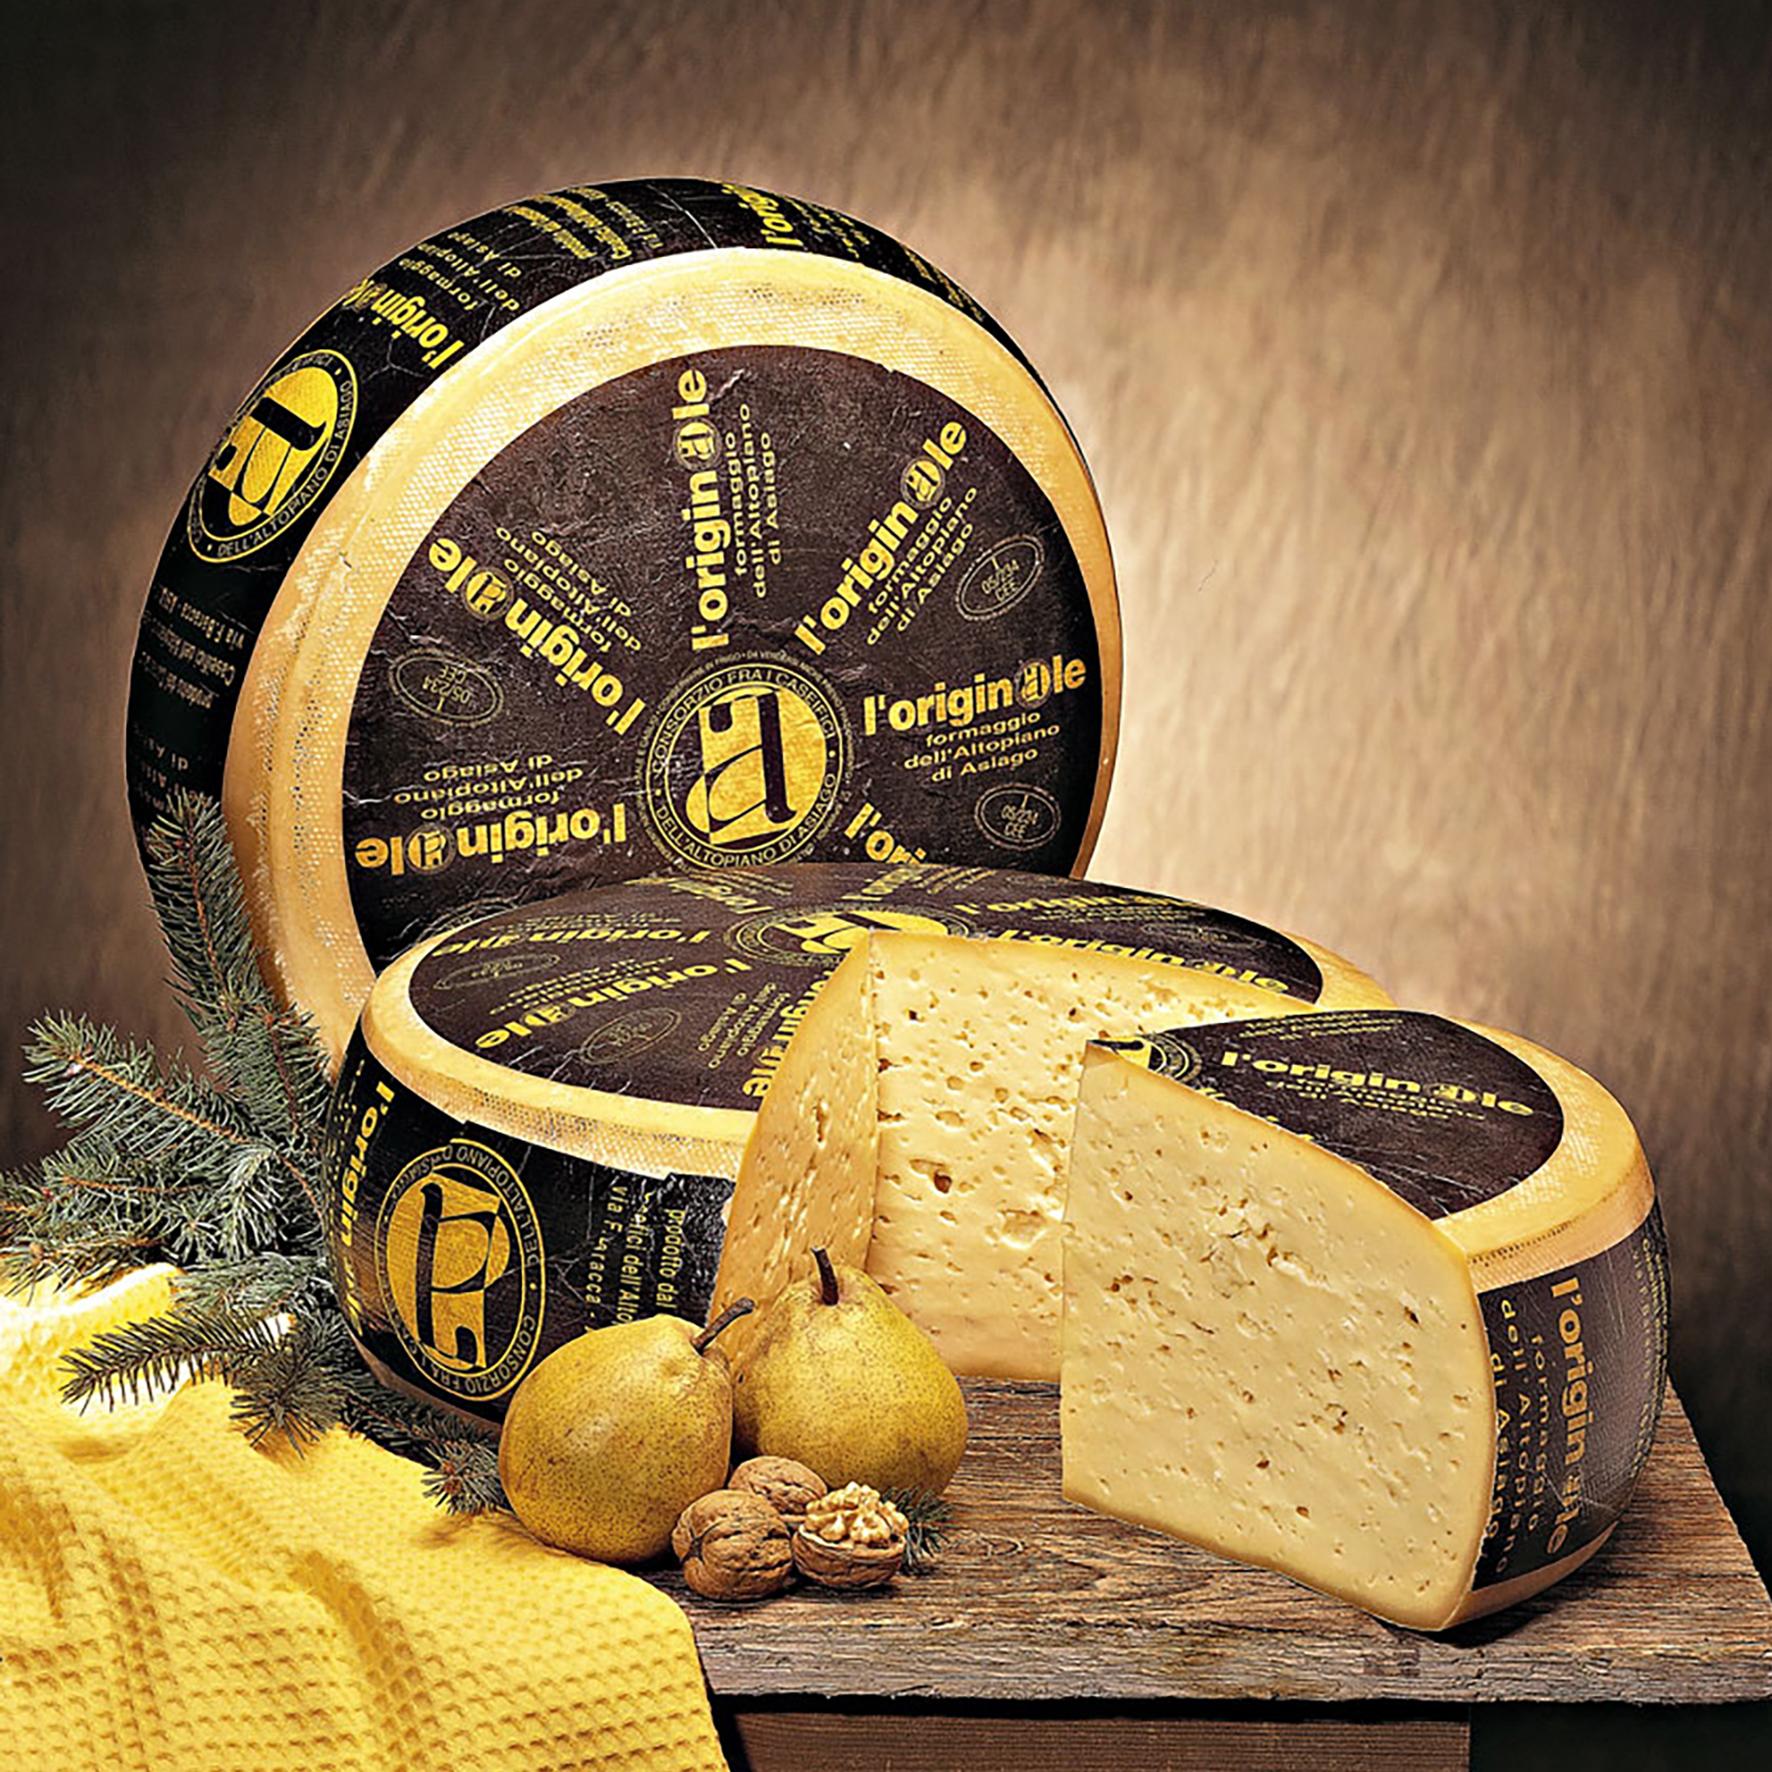 formaggio asiago originale